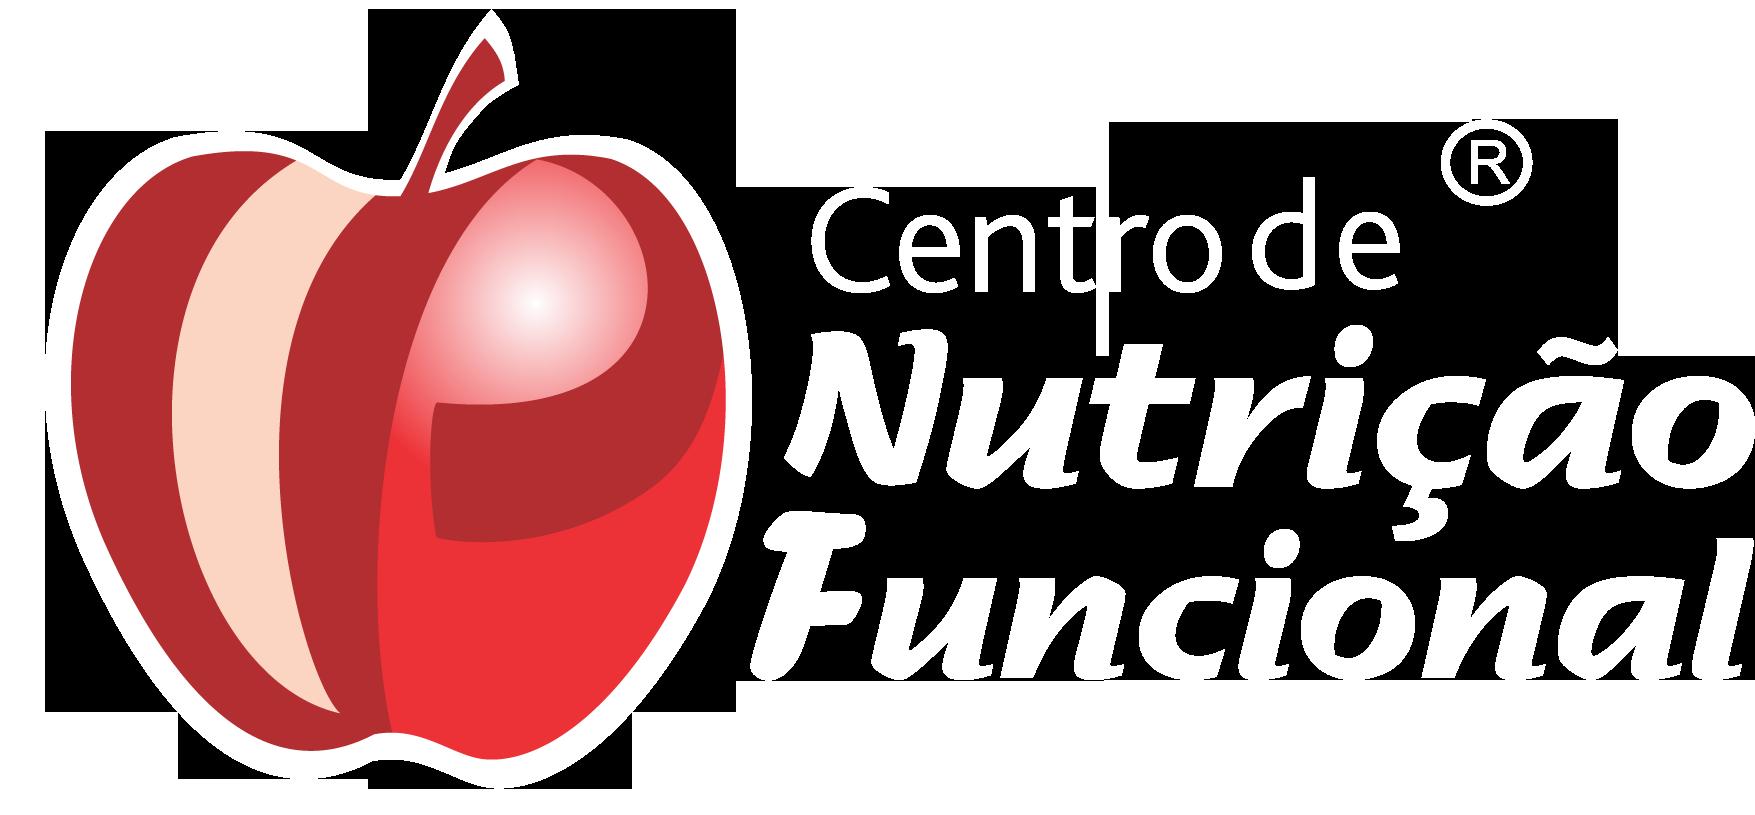 VP - Centro de Nutrição Funcional